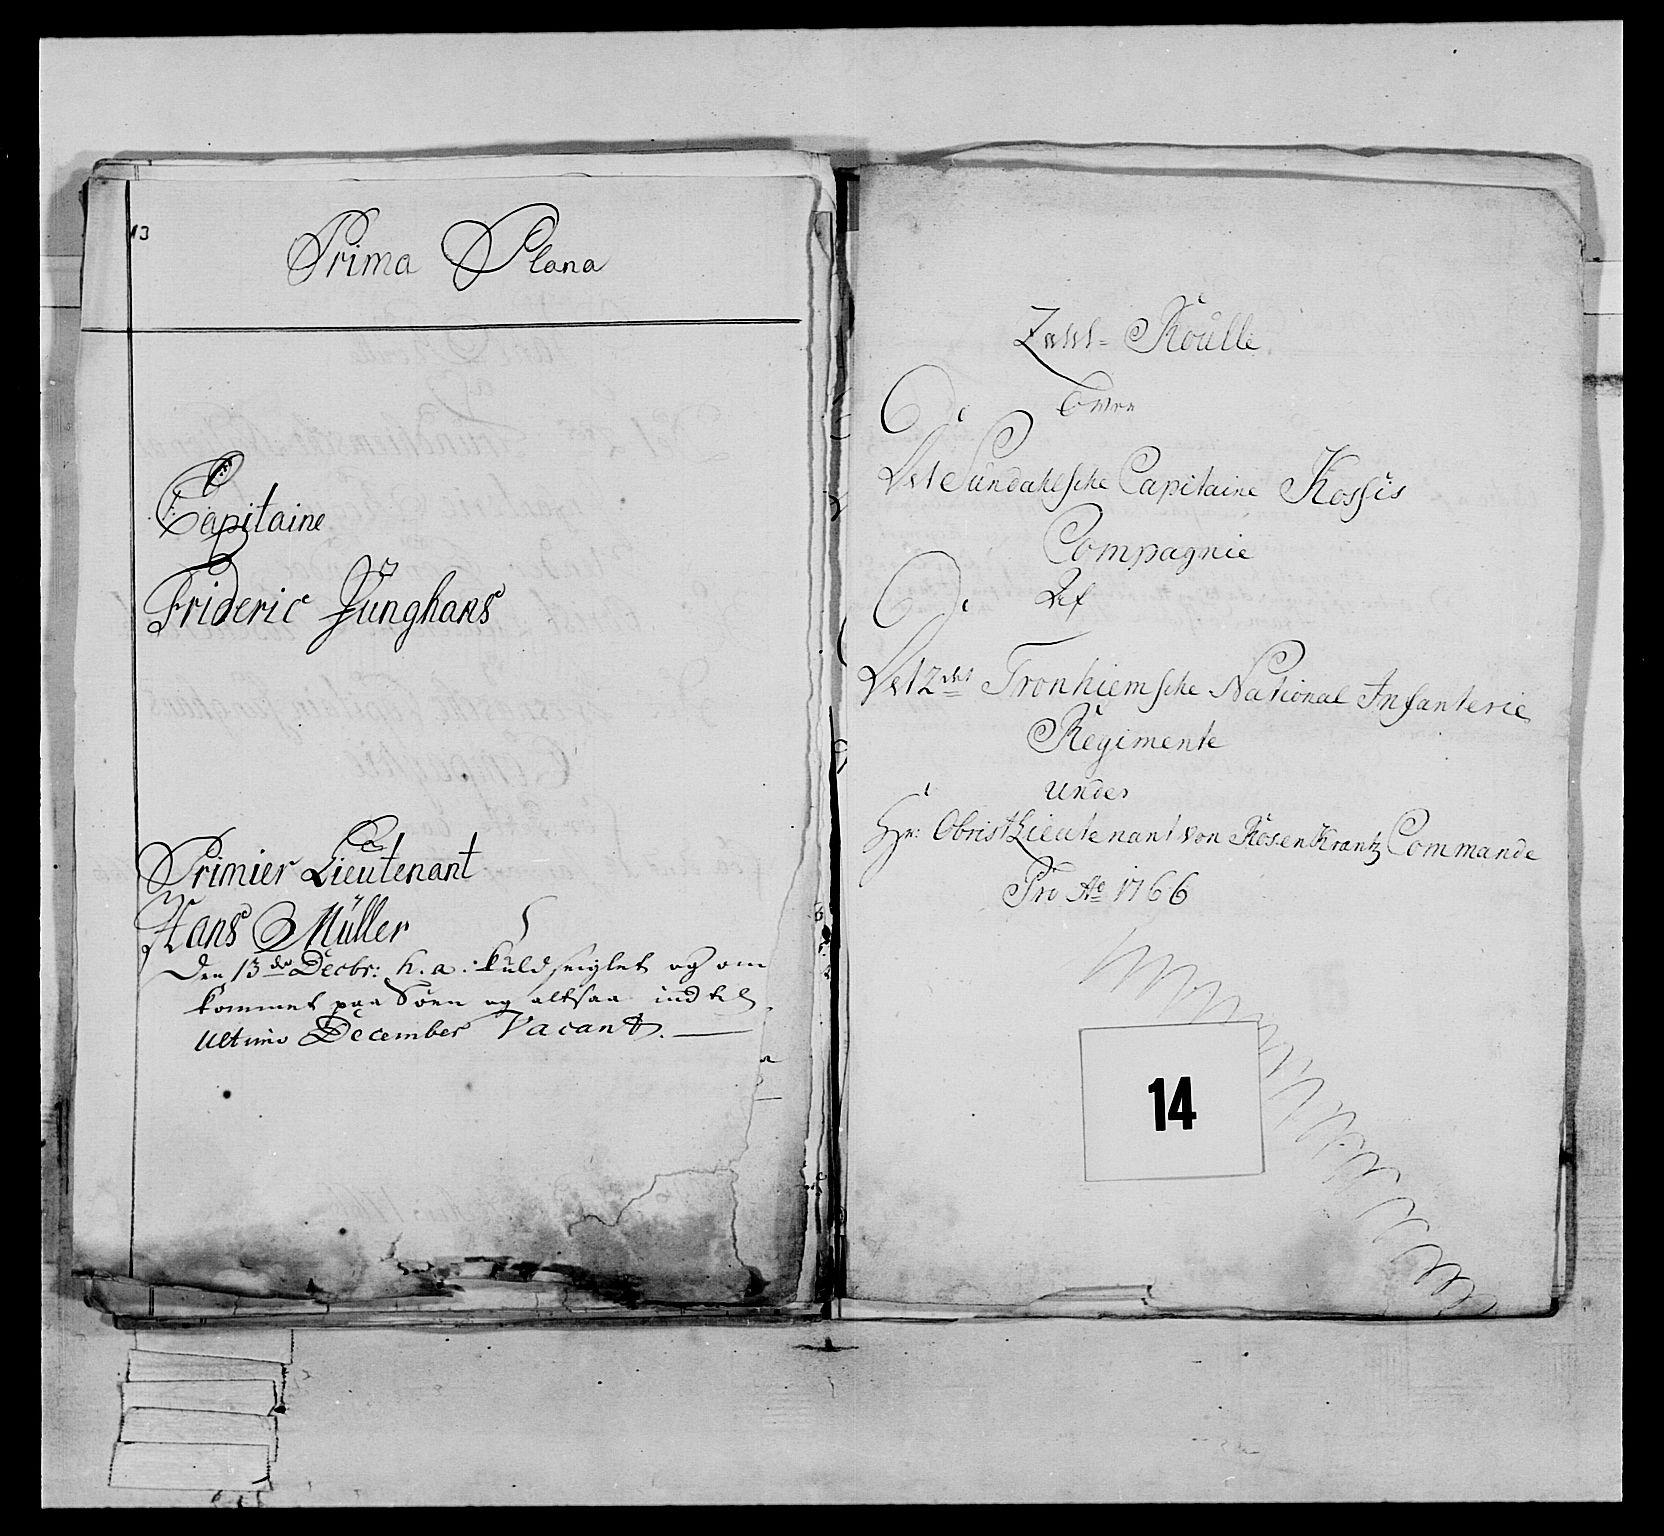 RA, Generalitets- og kommissariatskollegiet, Det kongelige norske kommissariatskollegium, E/Eh/L0076: 2. Trondheimske nasjonale infanteriregiment, 1766-1773, s. 27